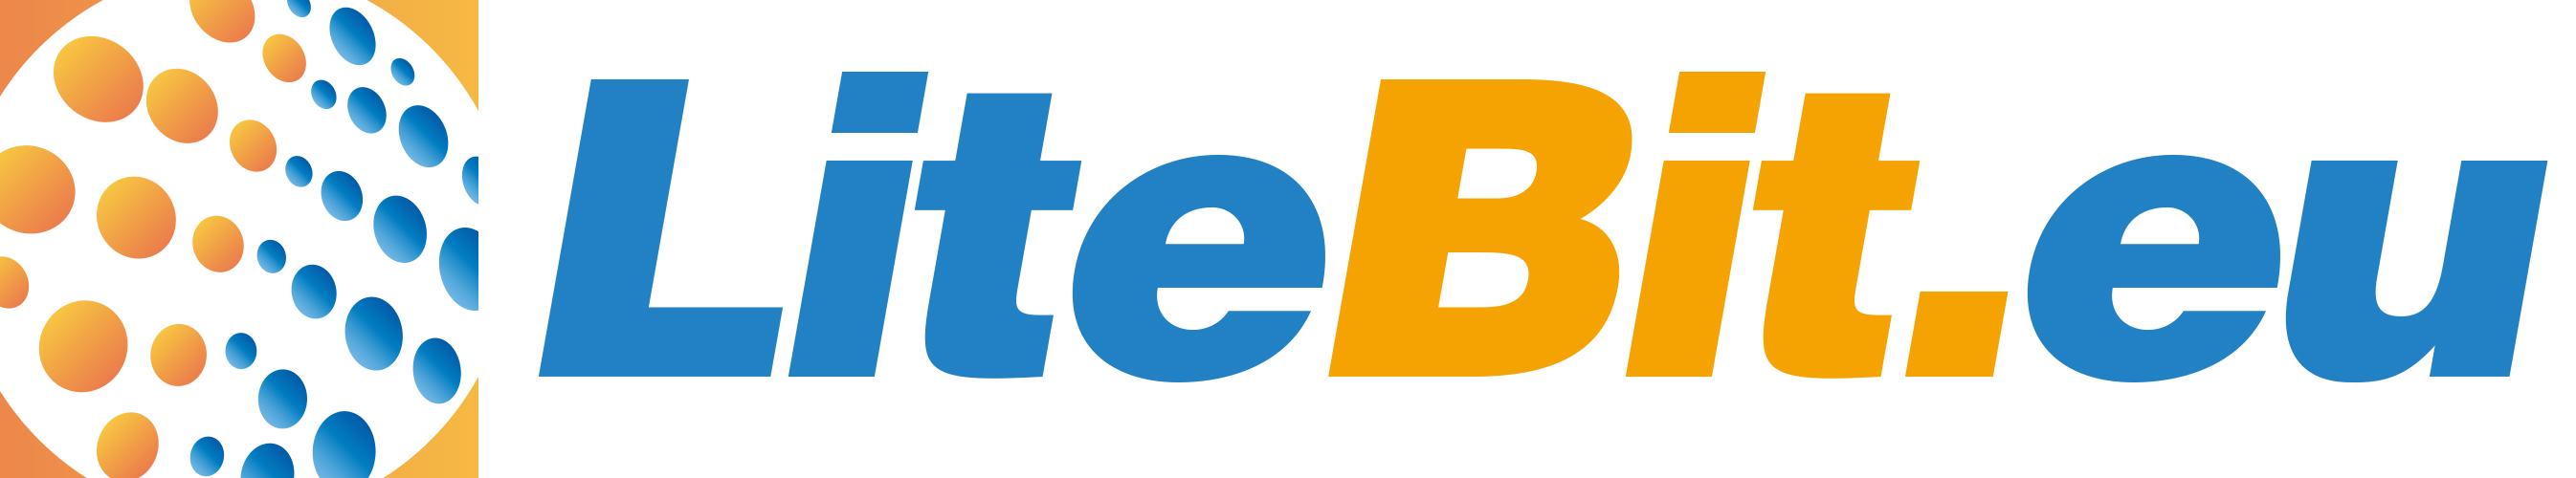 litebit-review